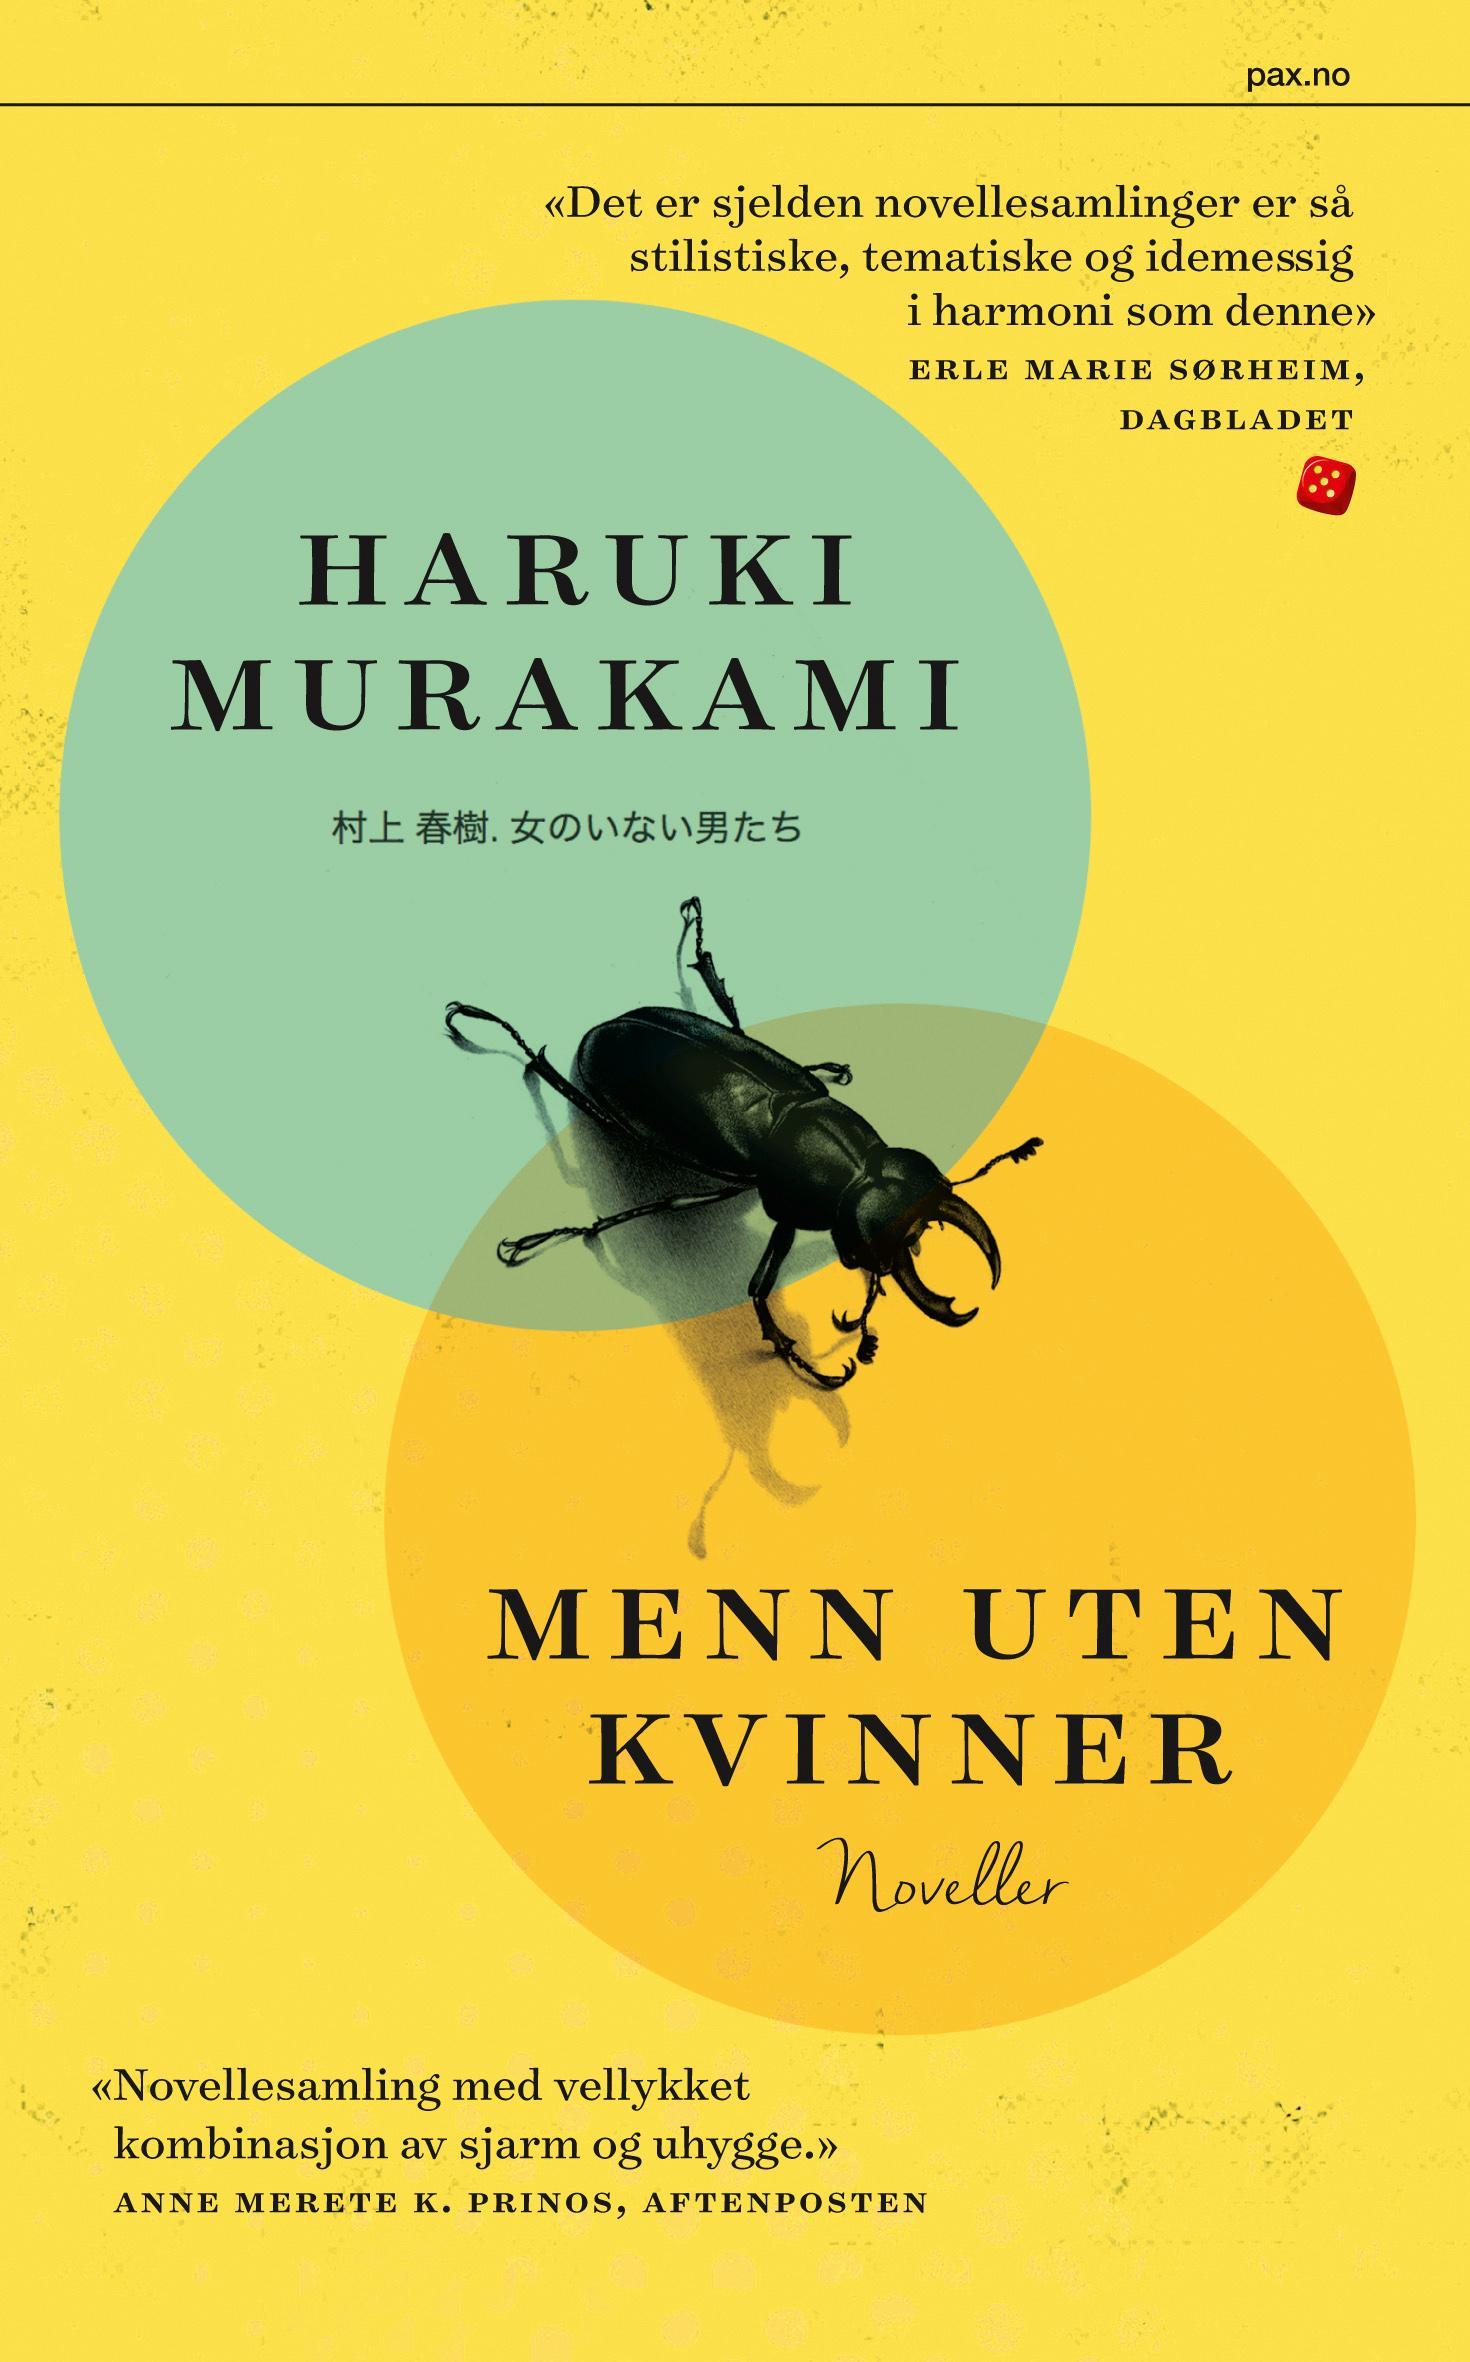 """""""Menn uten kvinner"""" av Haruki Murakami"""